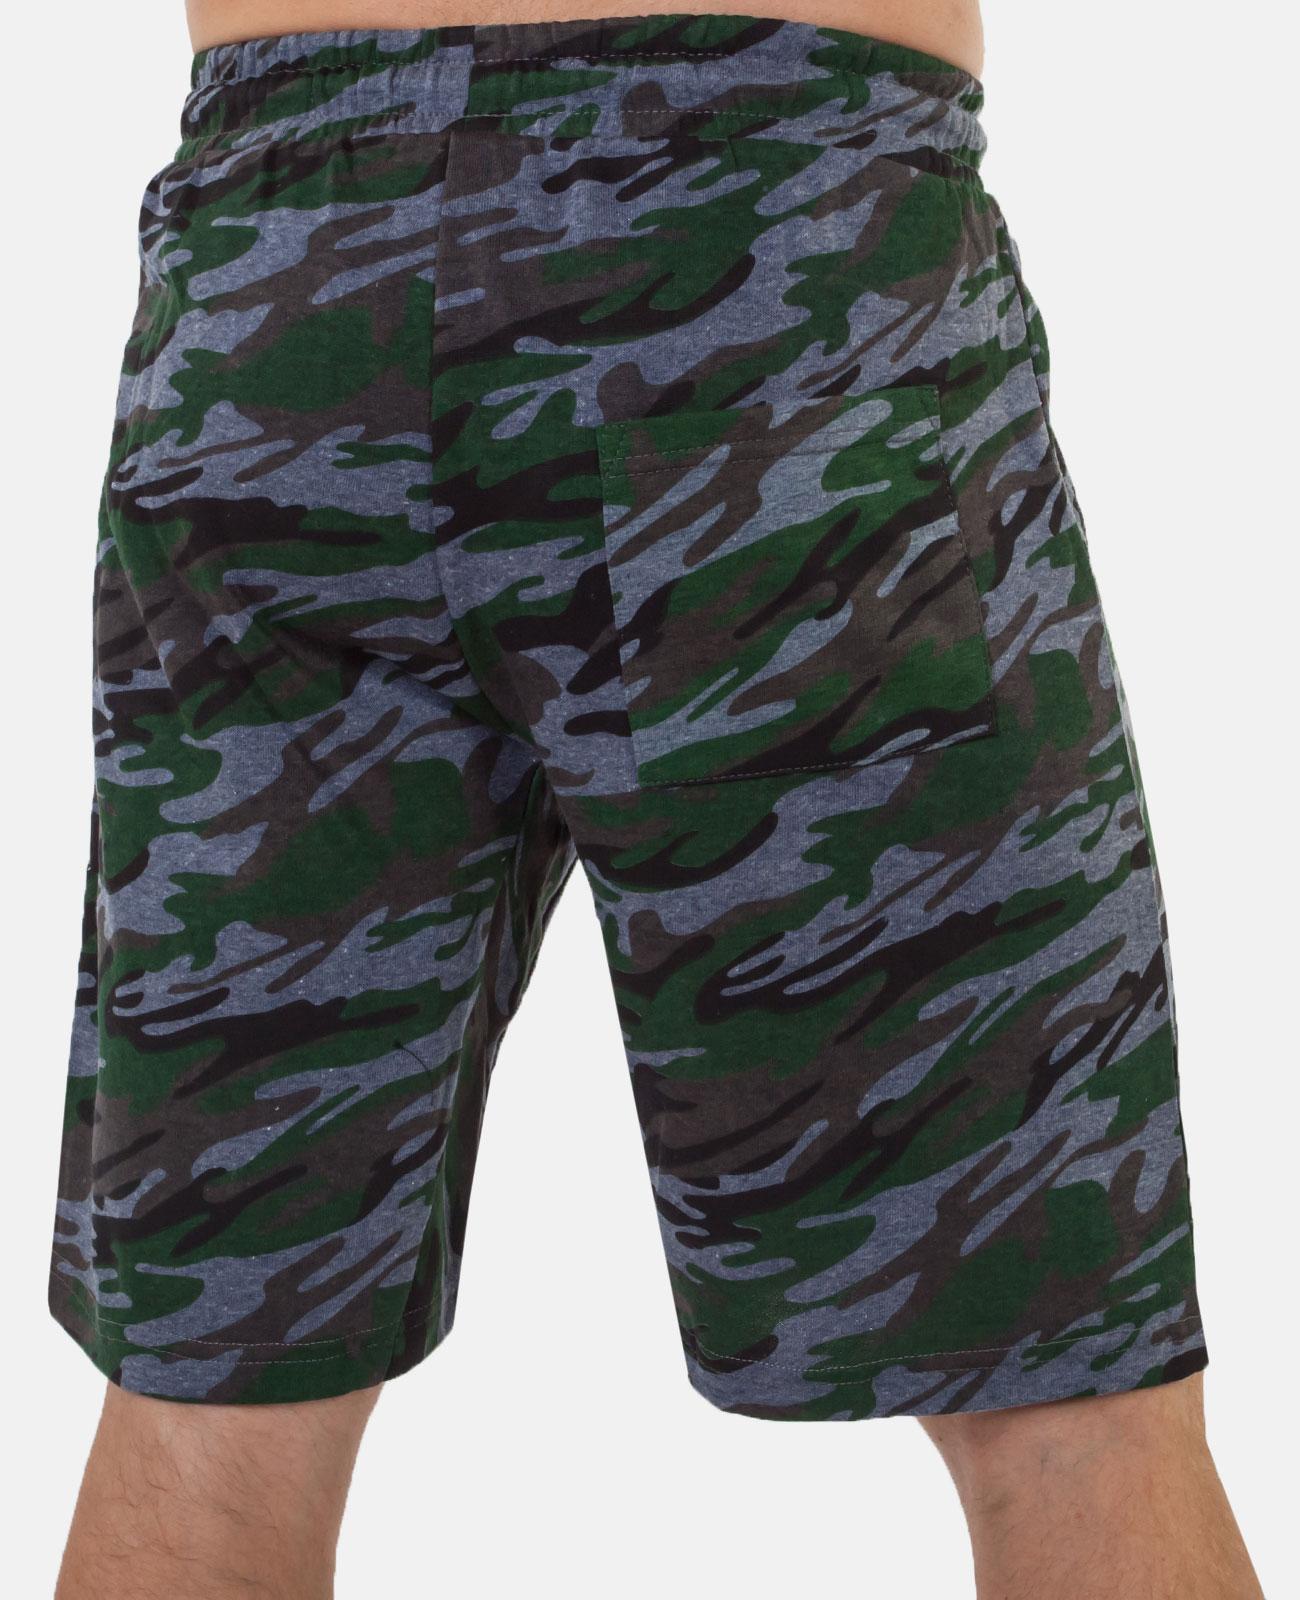 Крутые милитари шорты удлиненного фасона с нашивкой РХБЗ - заказать онлайн